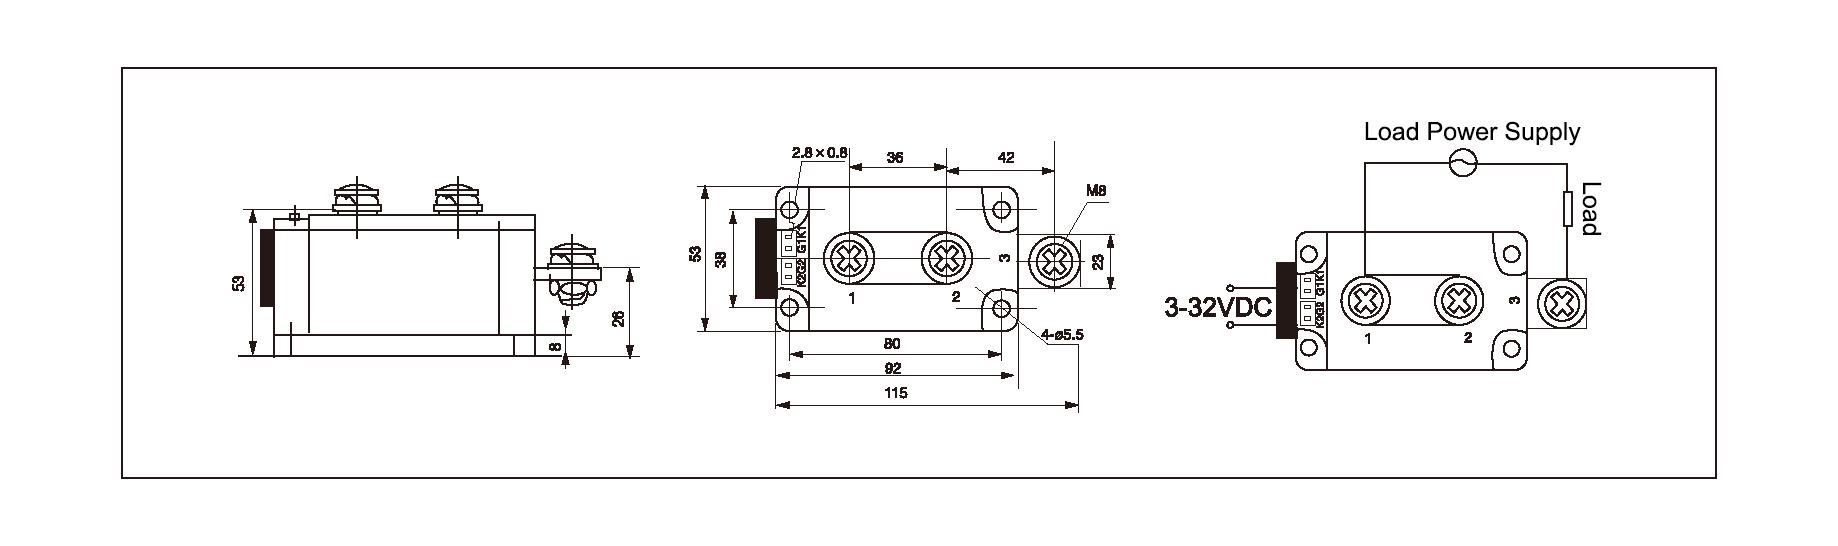 Dimension and circuit diagram - MGR H12400Z series